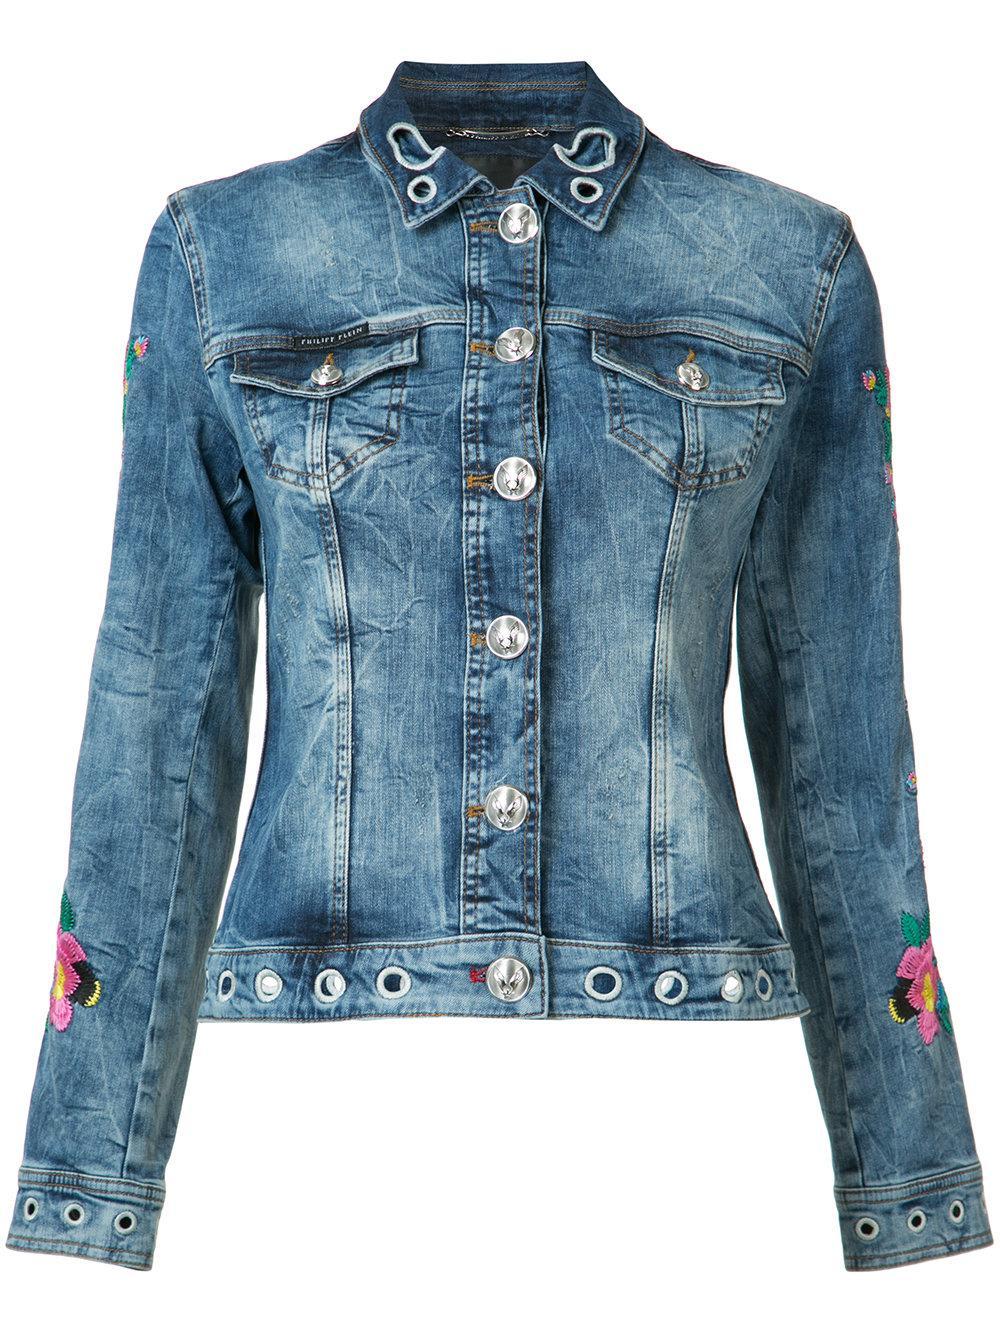 Philipp plein floral embroidered denim jacket in blue lyst